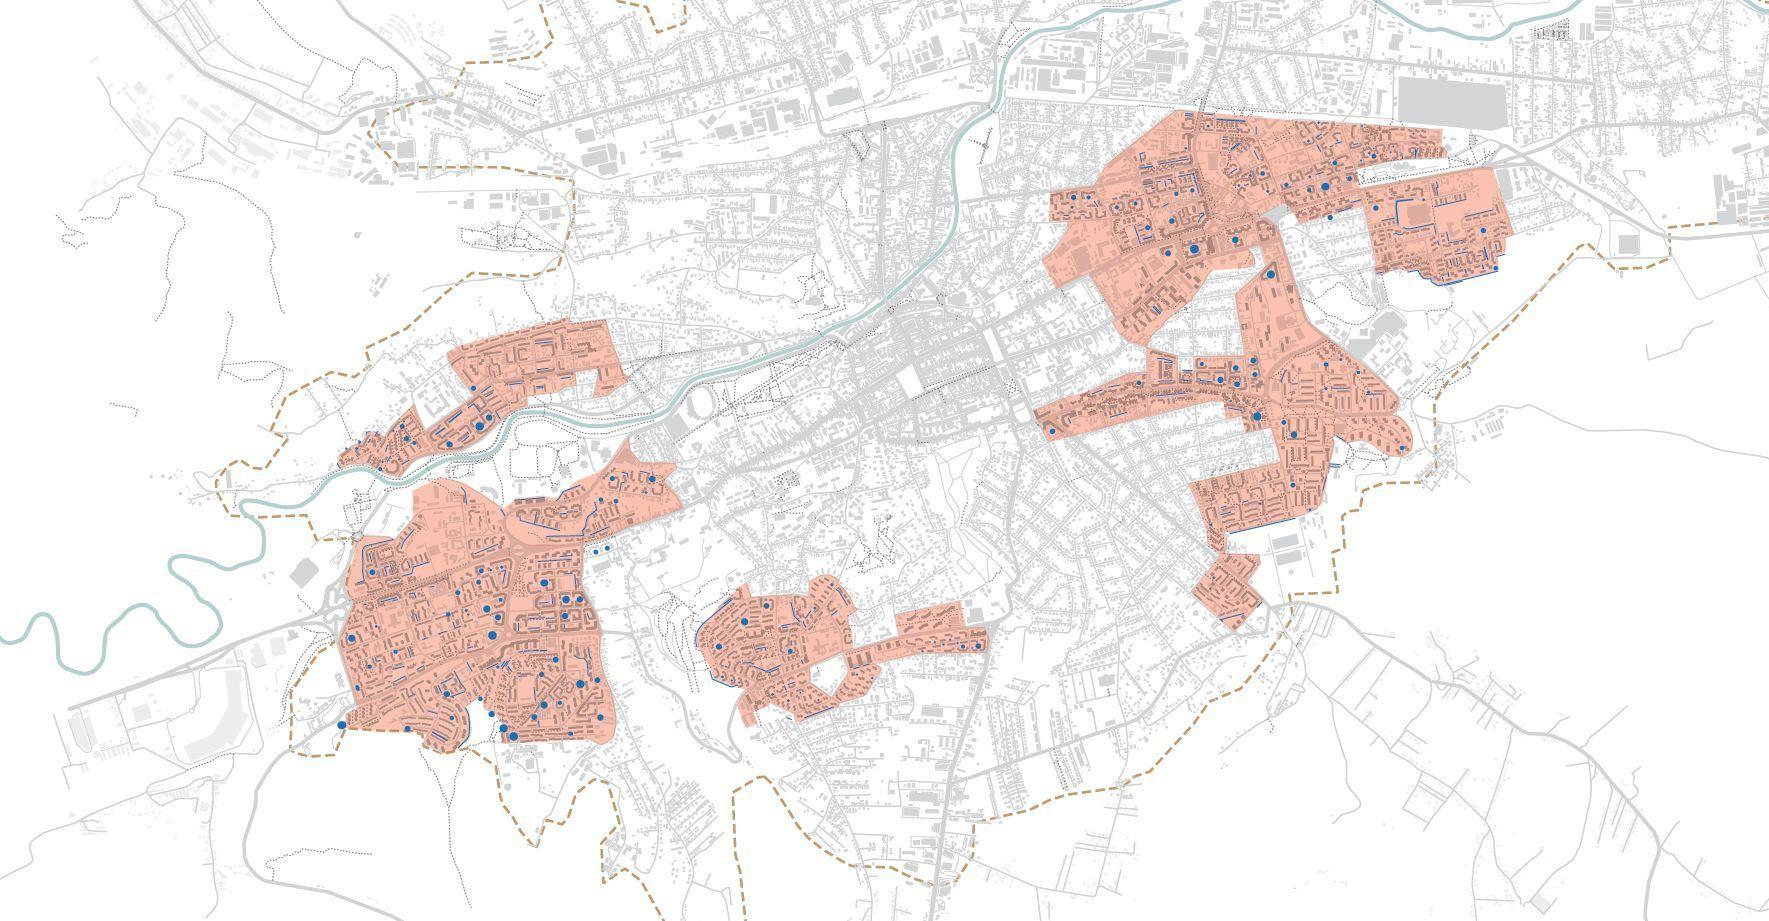 Harta garajelor din cele mai importante cartiere din Cluj. Veziîngaleria foto de mai jos hartacartierului tău.